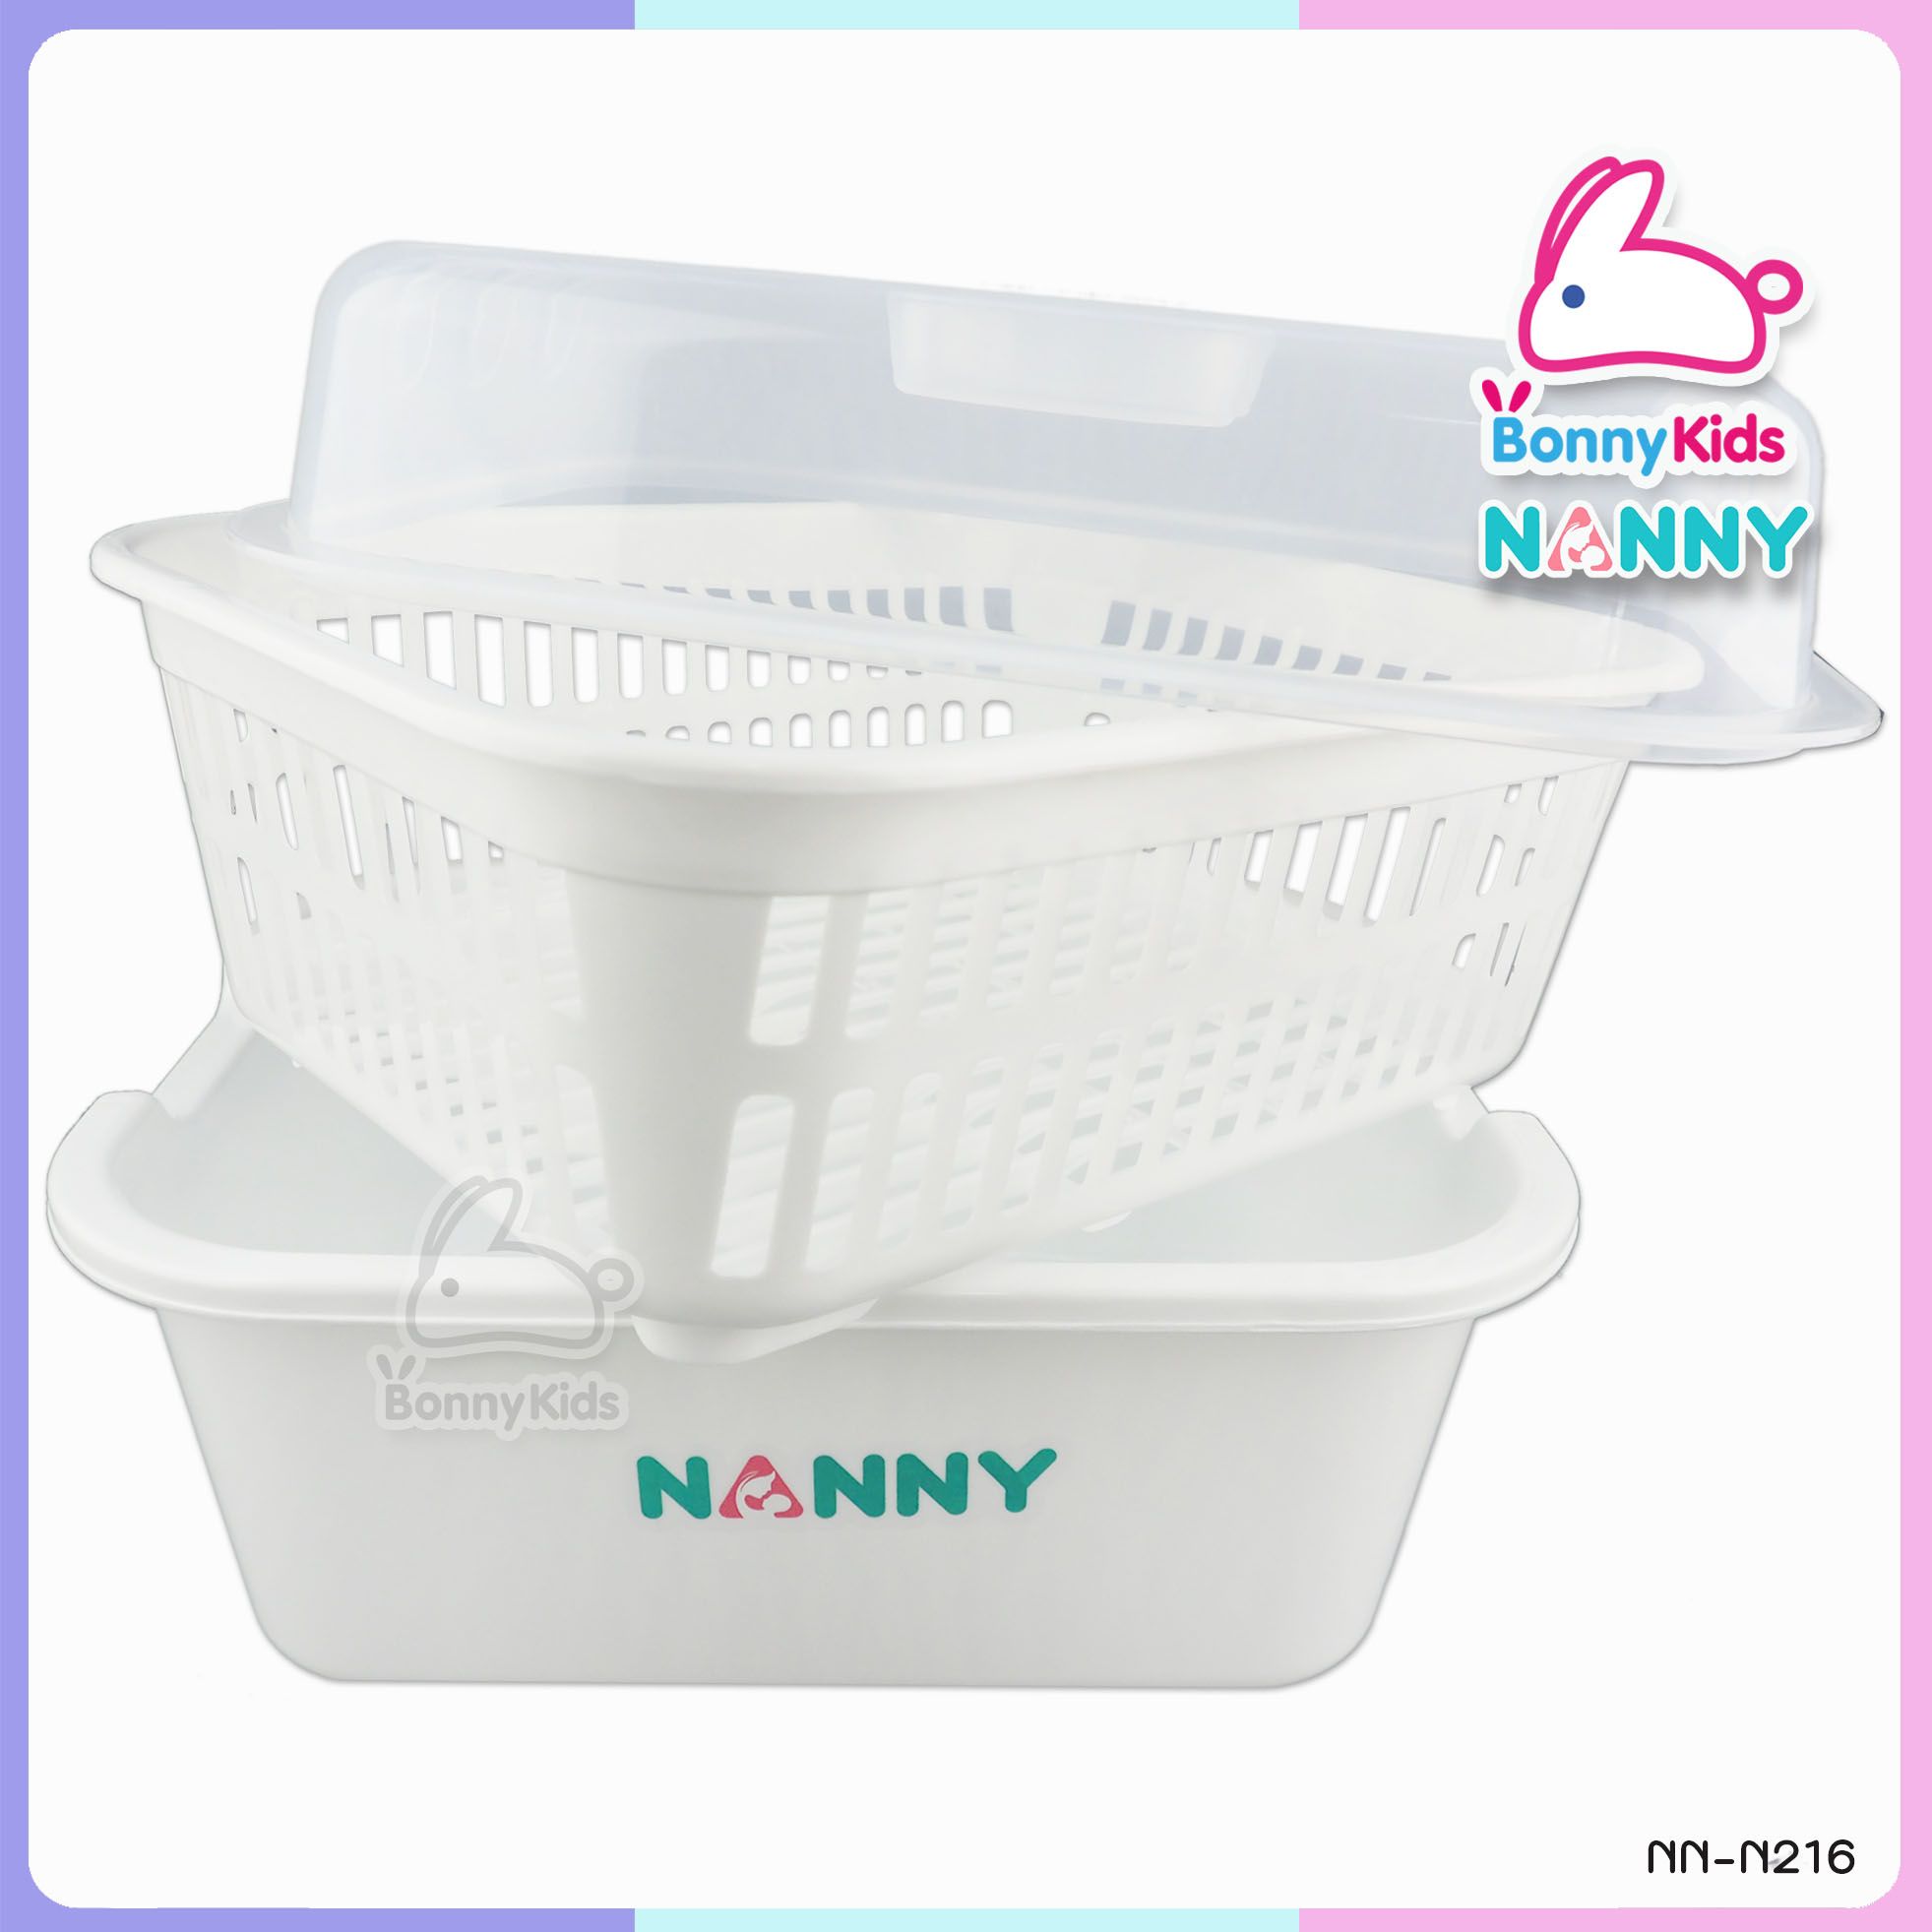 ตะกร้าคว่ำขวดนม พลาสติกมีฝาครอบ NANNY สีขาว